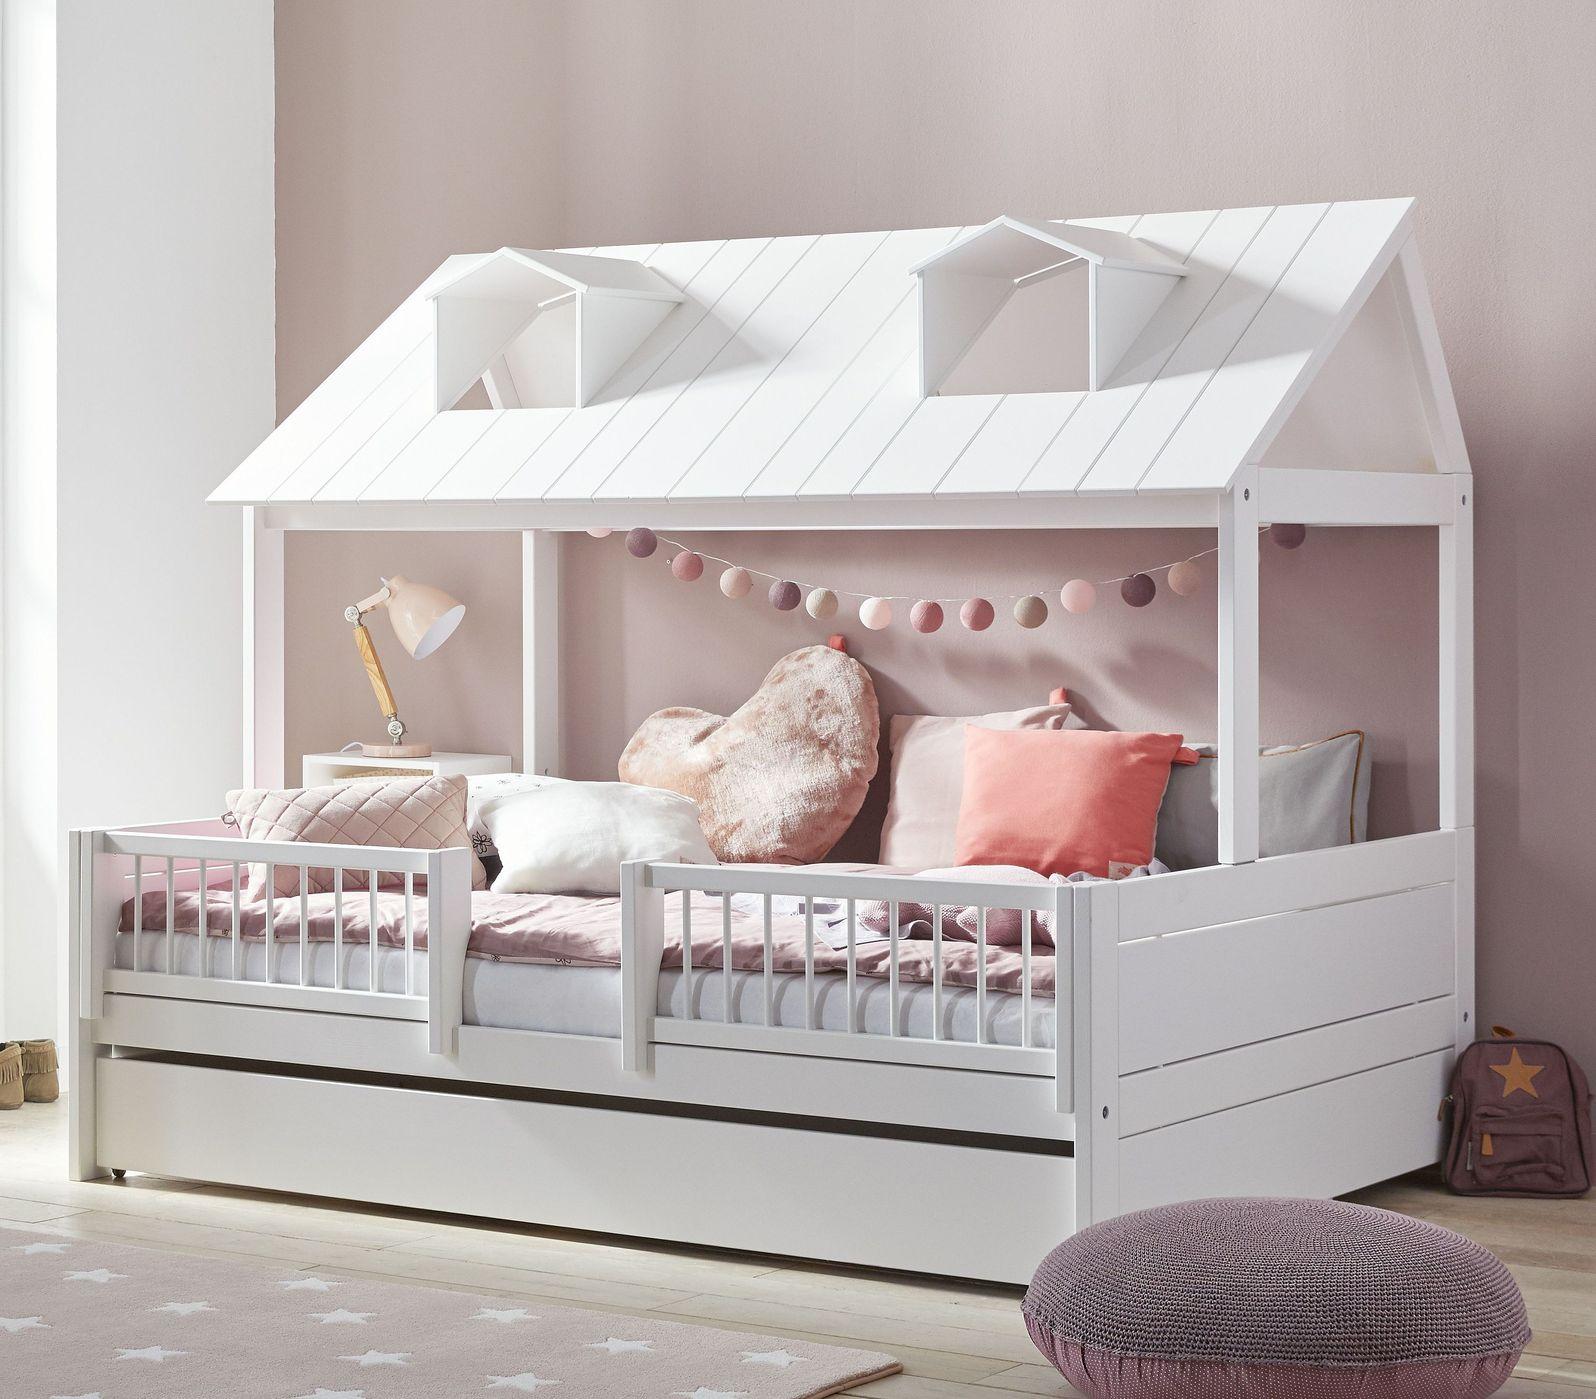 Full Size of Kinderbett 120x200 Bett Mit Bettkasten Matratze Und Lattenrost Weiß Betten Wohnzimmer Kinderbett 120x200